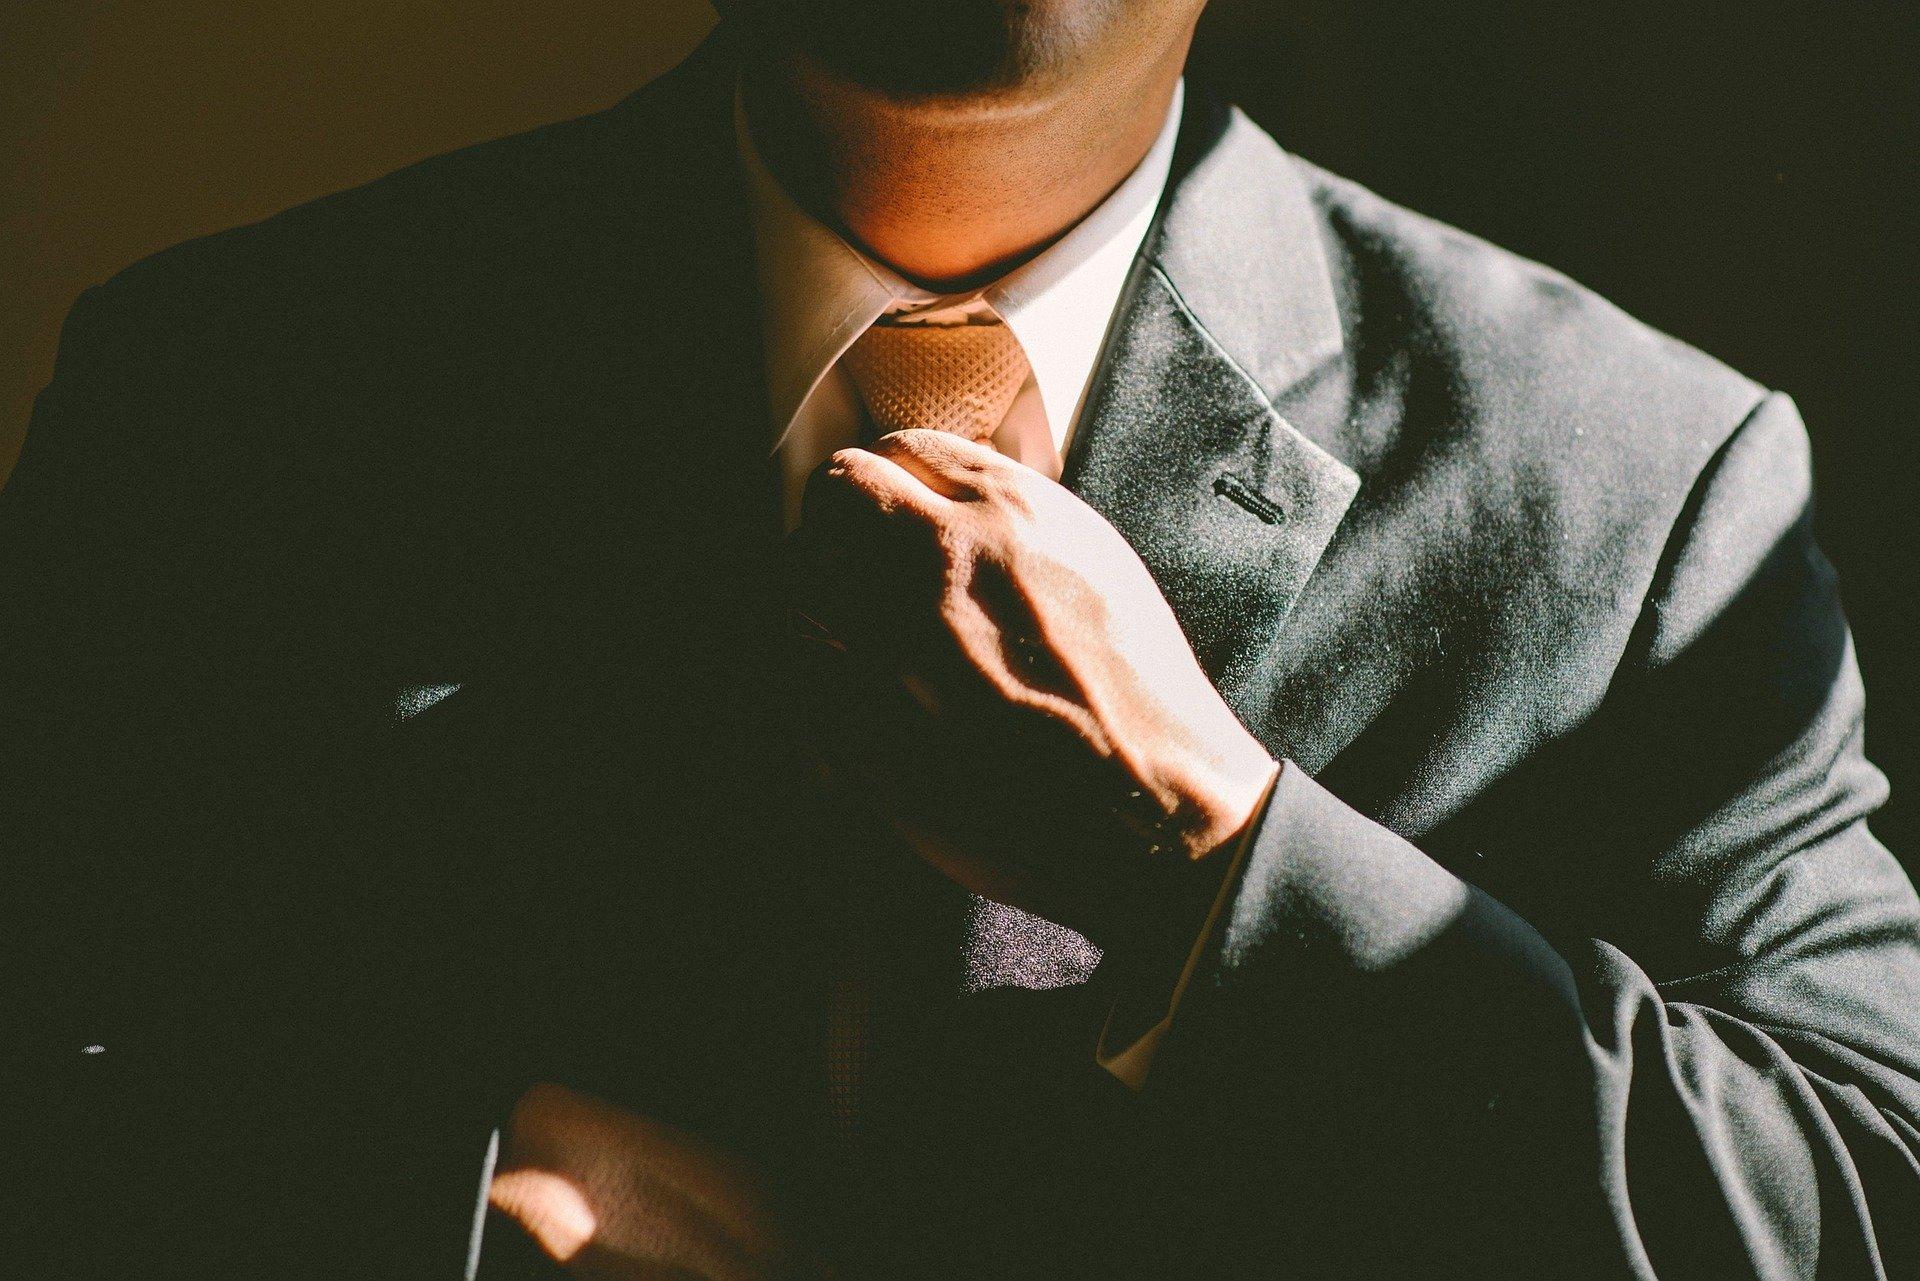 muska osoba u biznisu